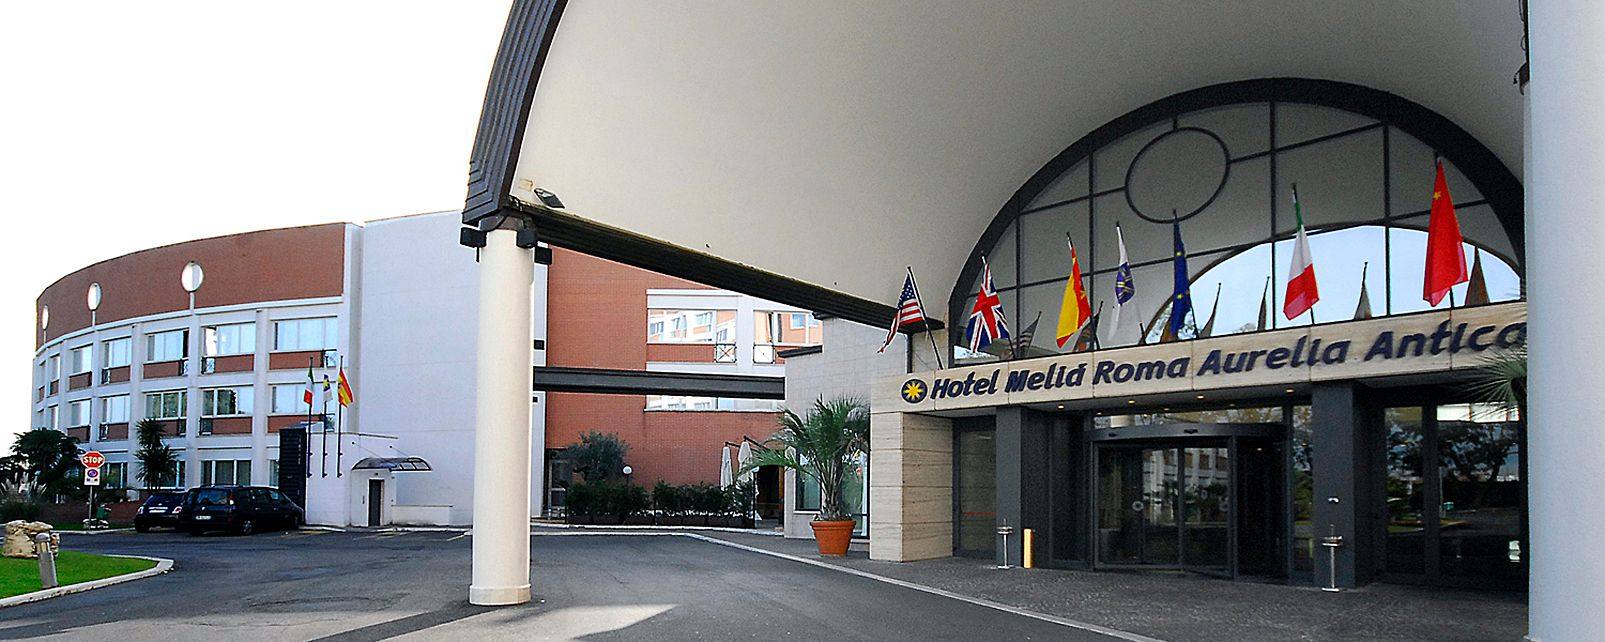 Hotel Melia Roma Aurelia Antica